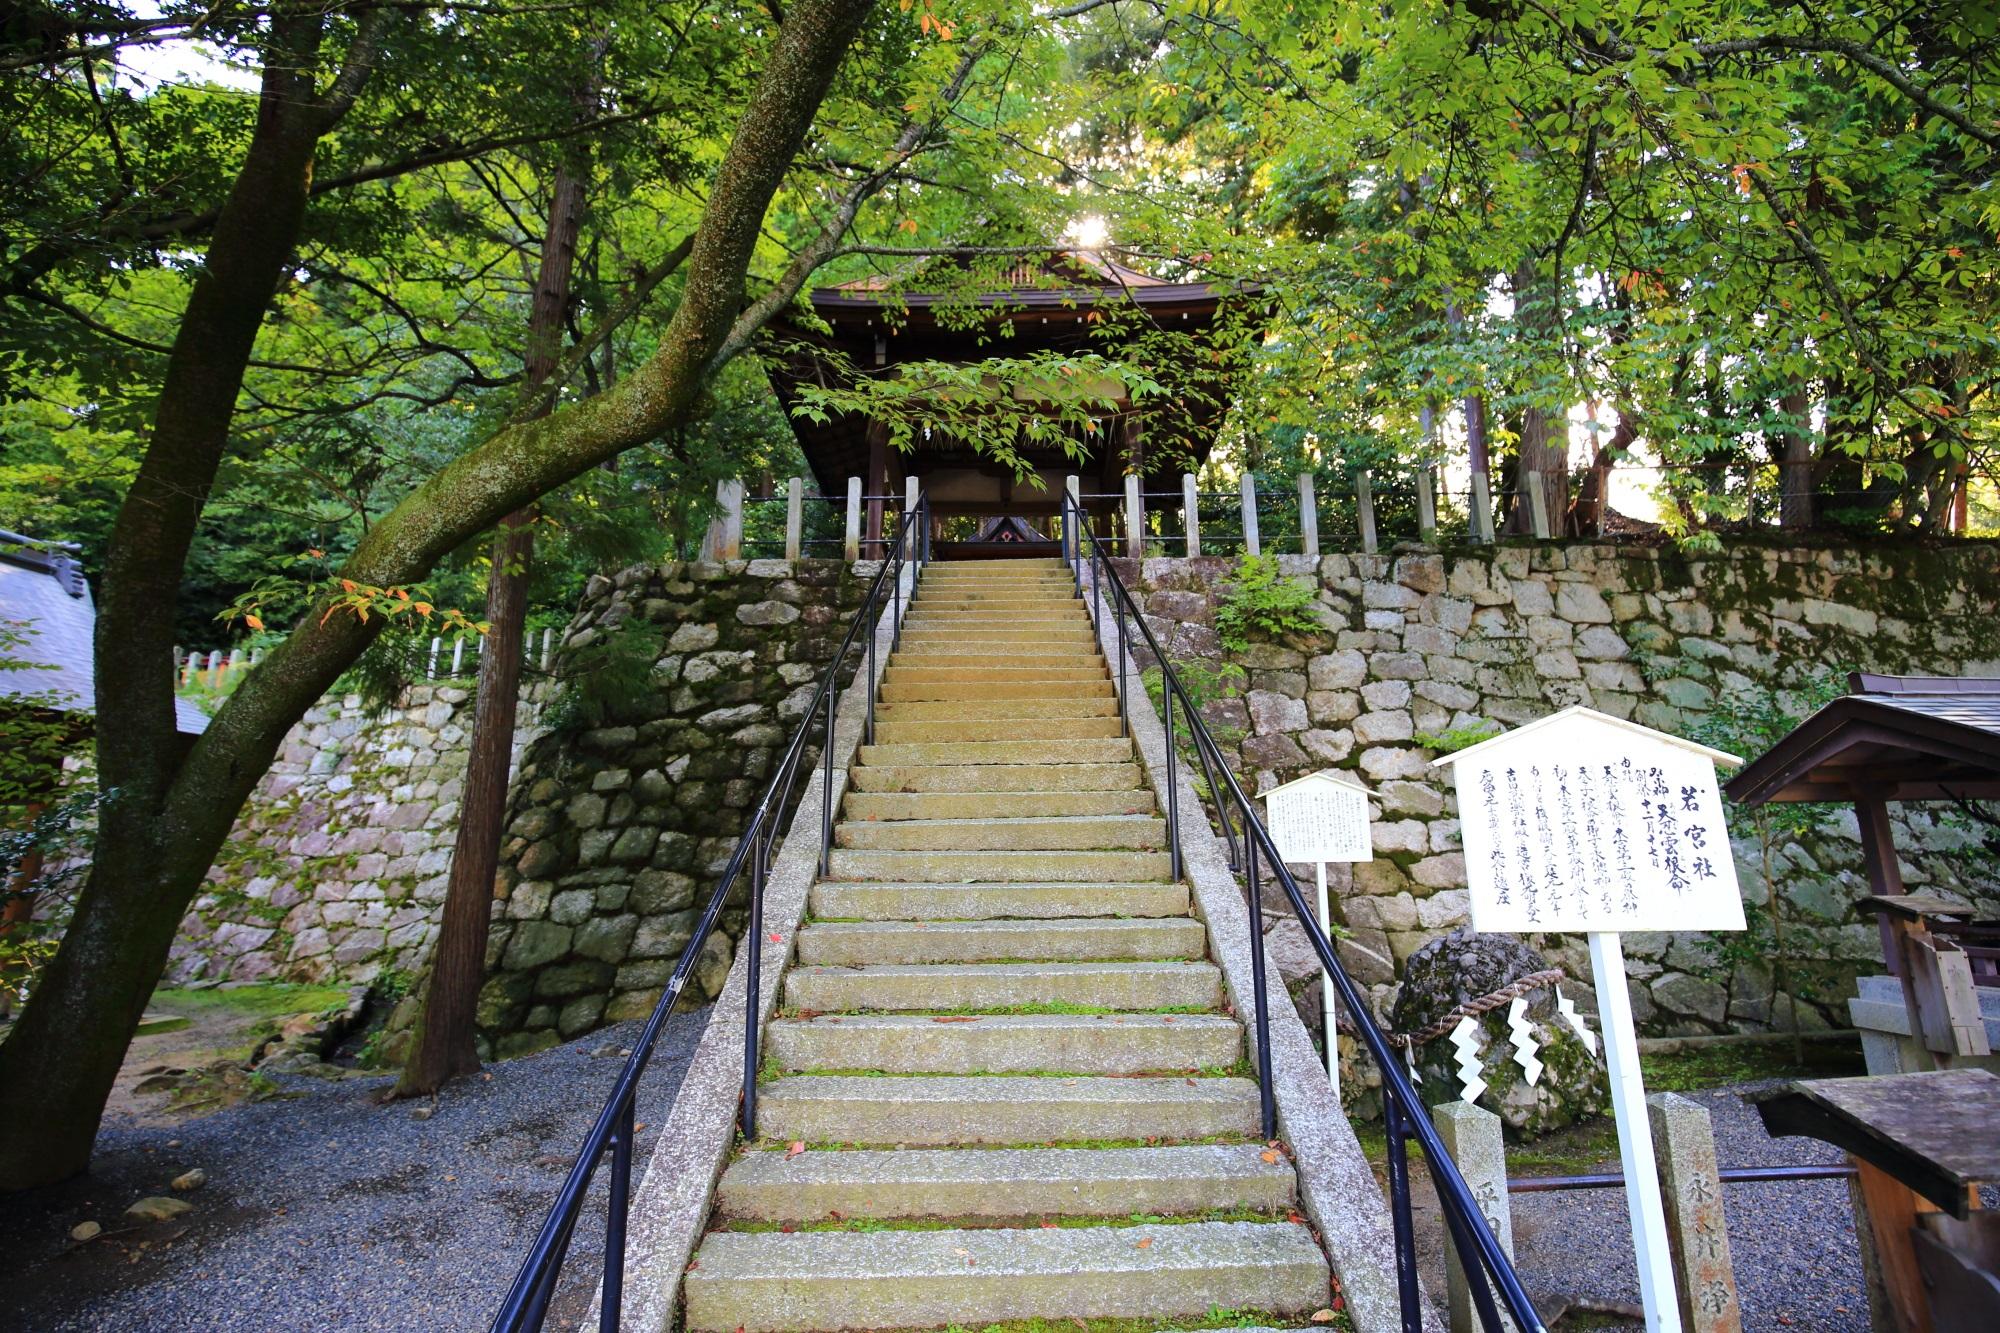 風情ある長い石段の上に鎮座する水の神様の若宮社